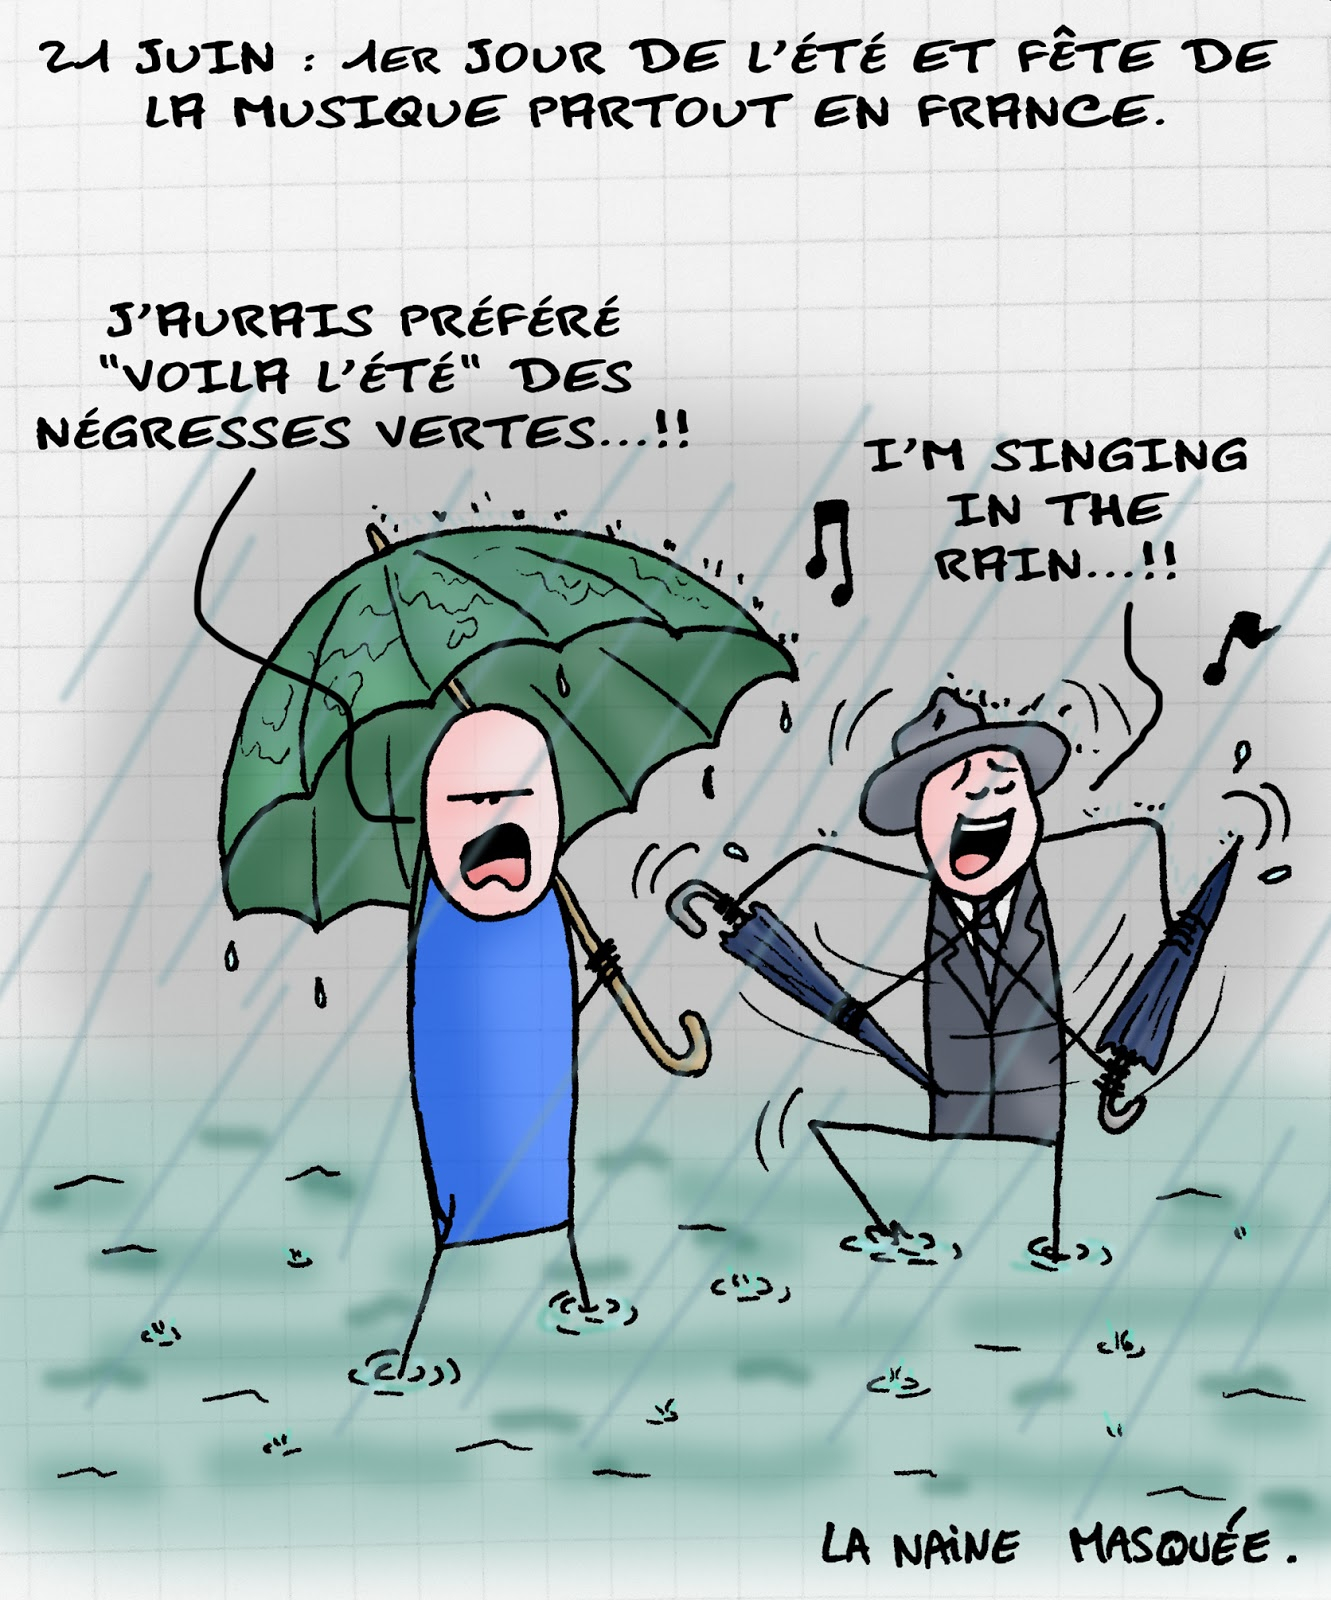 image drole sous la pluie